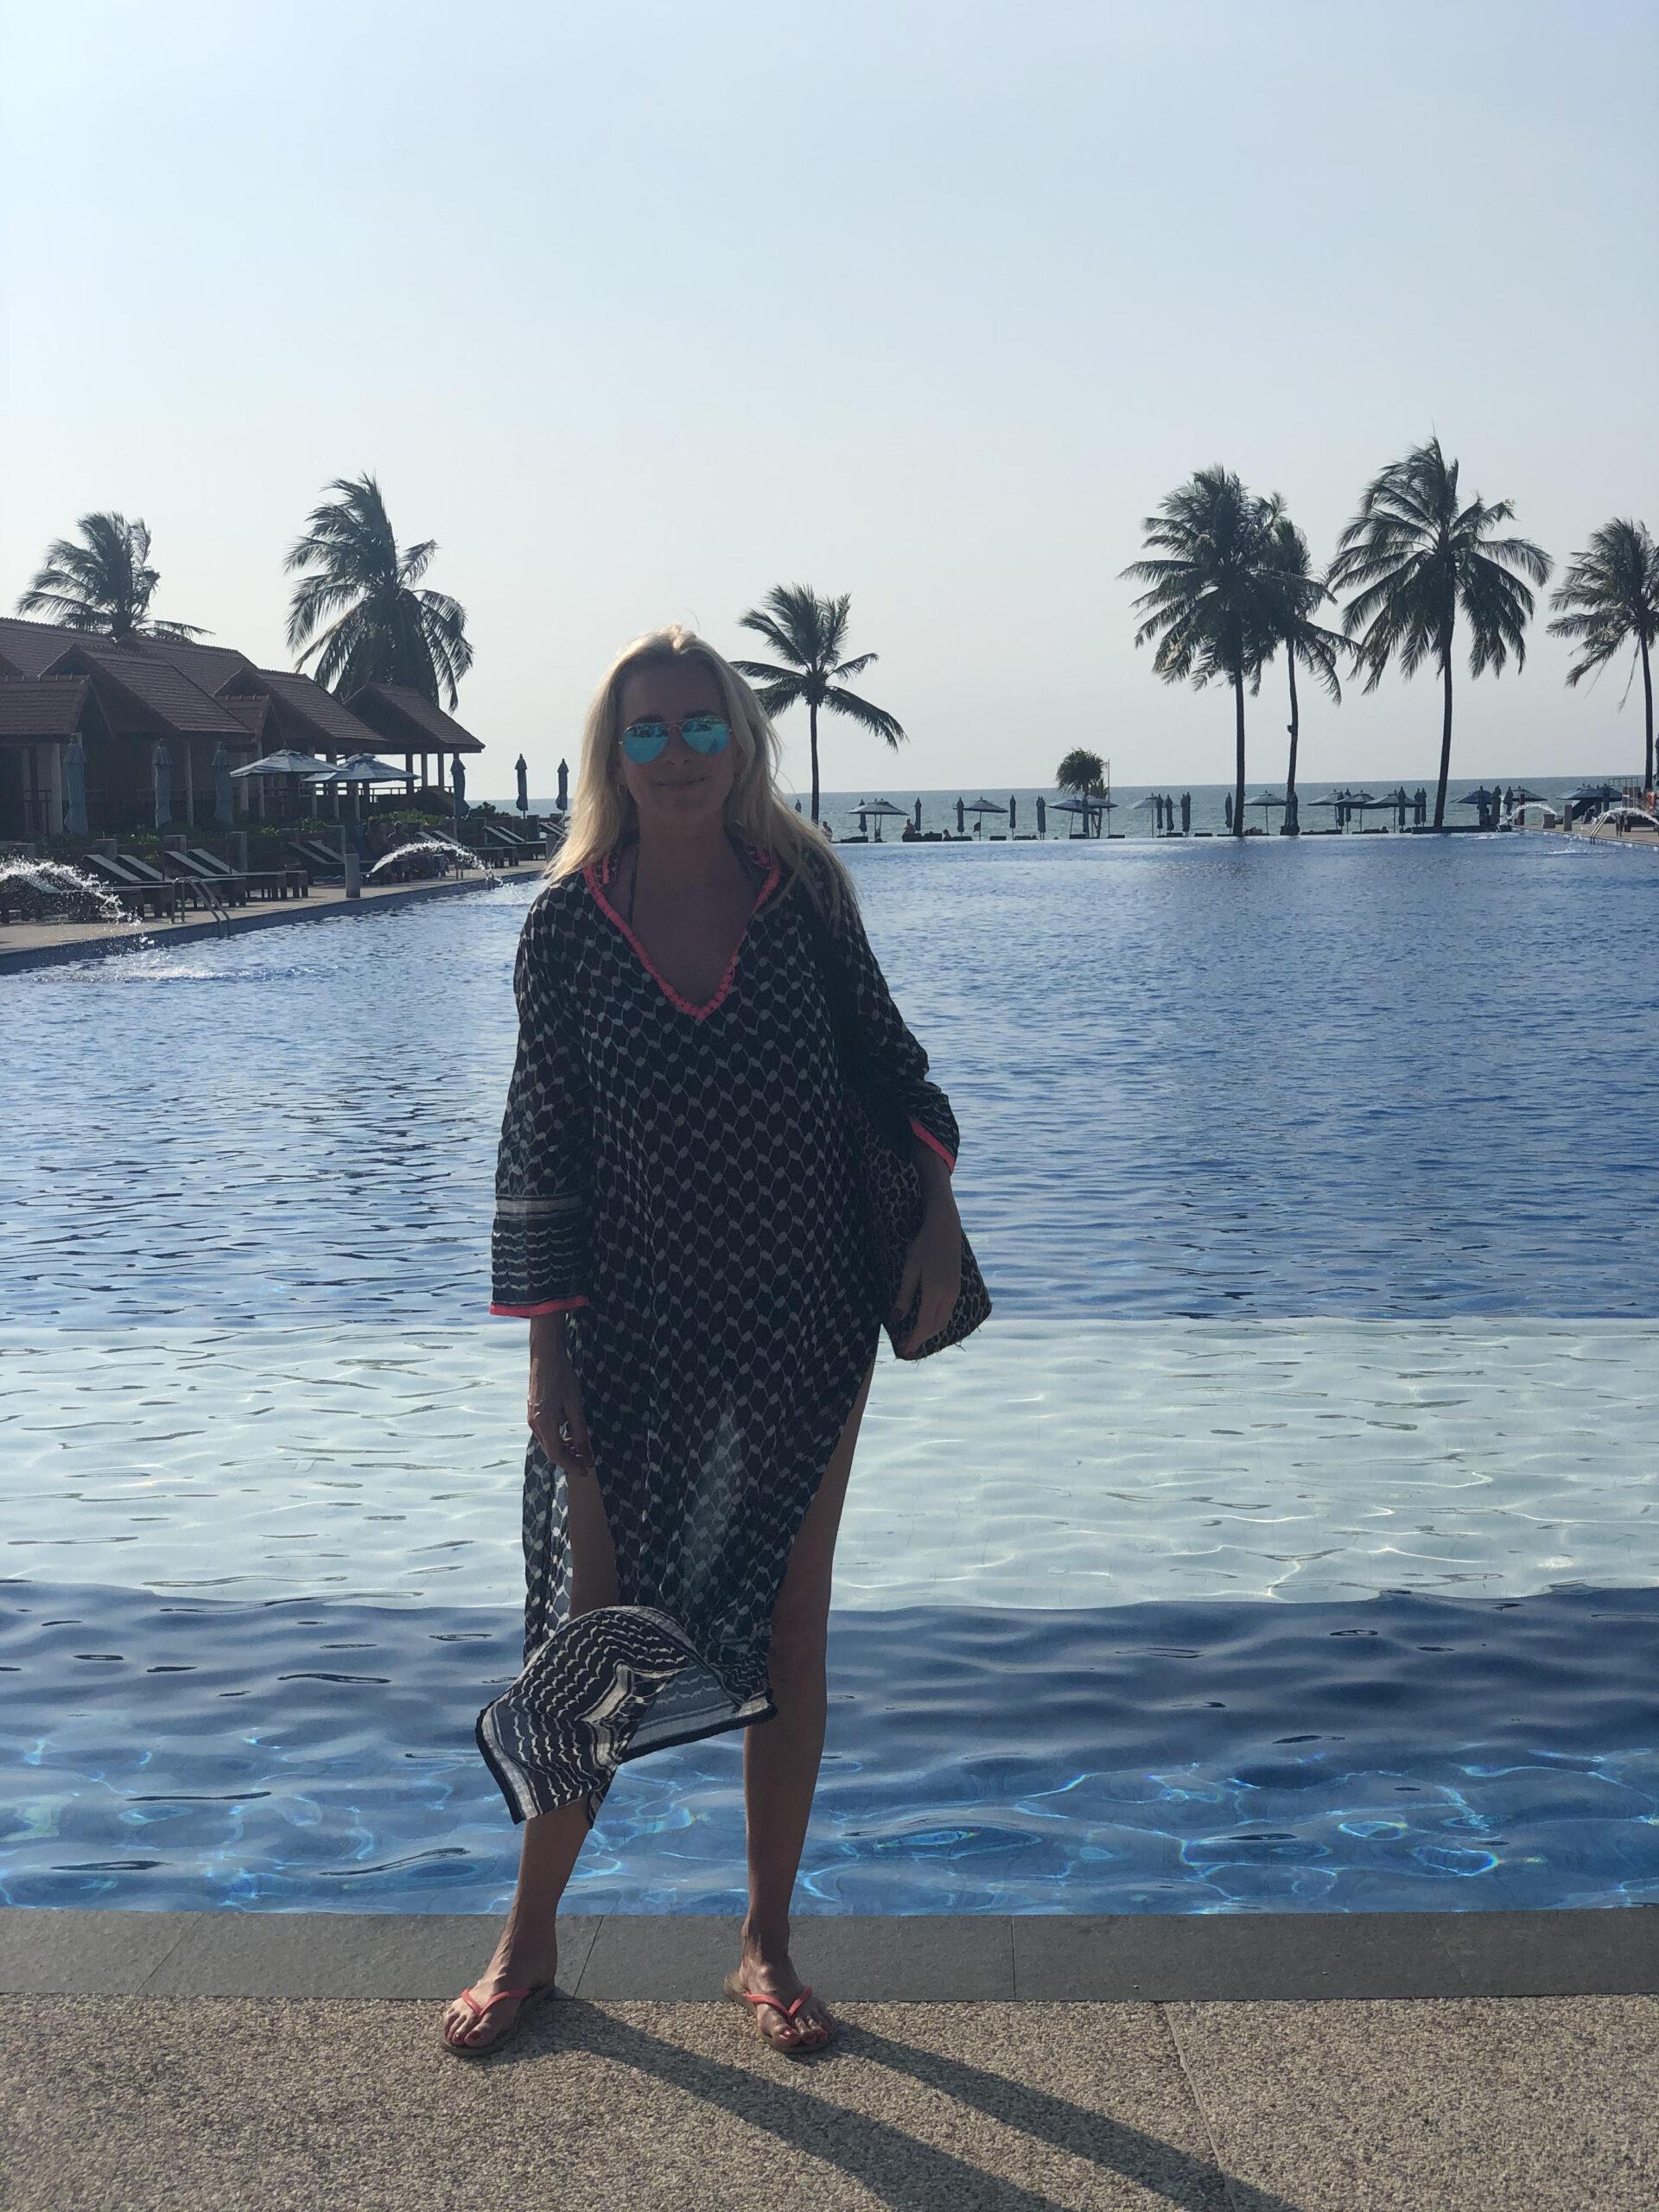 Pool, Phuket, Khao lak, hotel